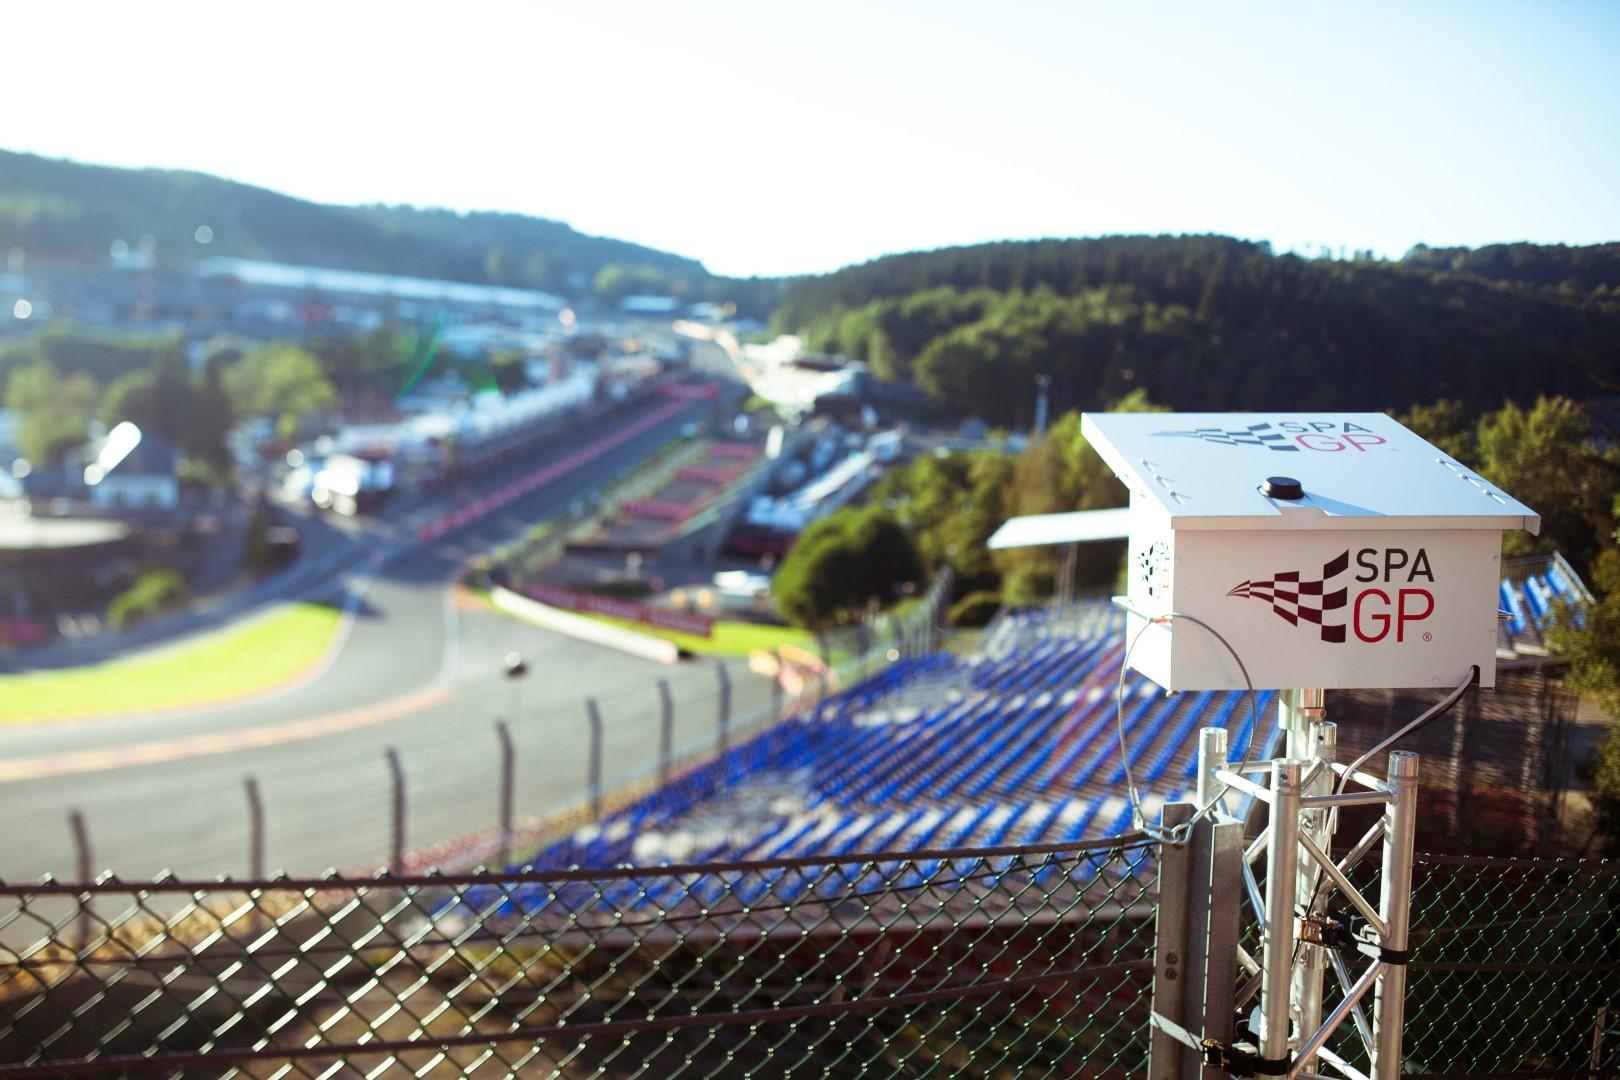 PANORA-ME-Spa-GP-01.jpg